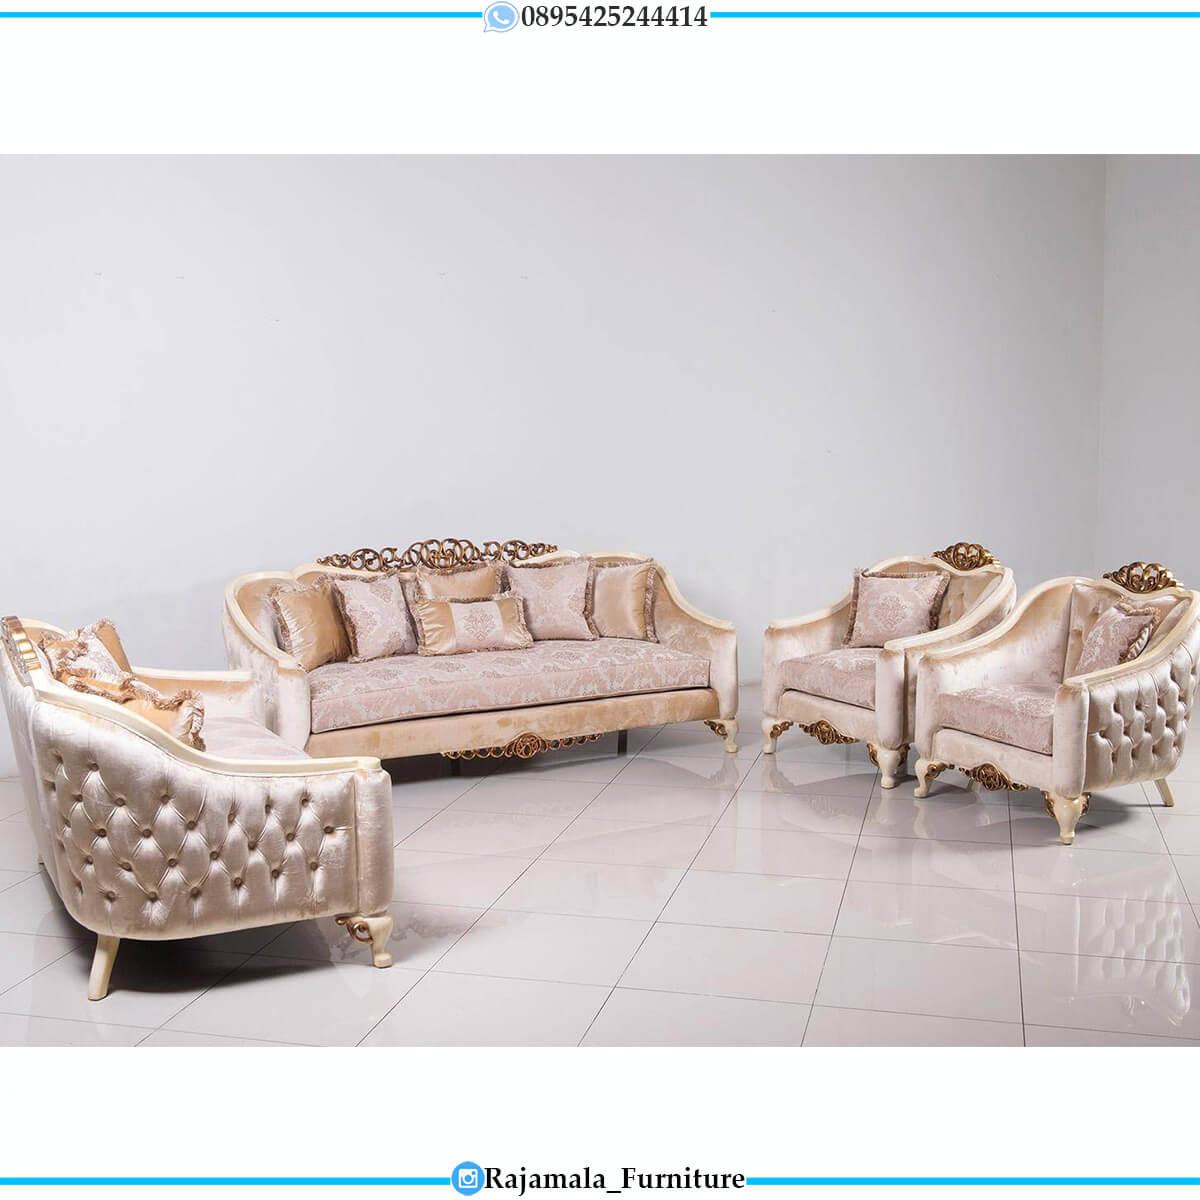 Best Sale Sofa Tamu Mewah Jepara Luxury Carving Classic Design RM-0606